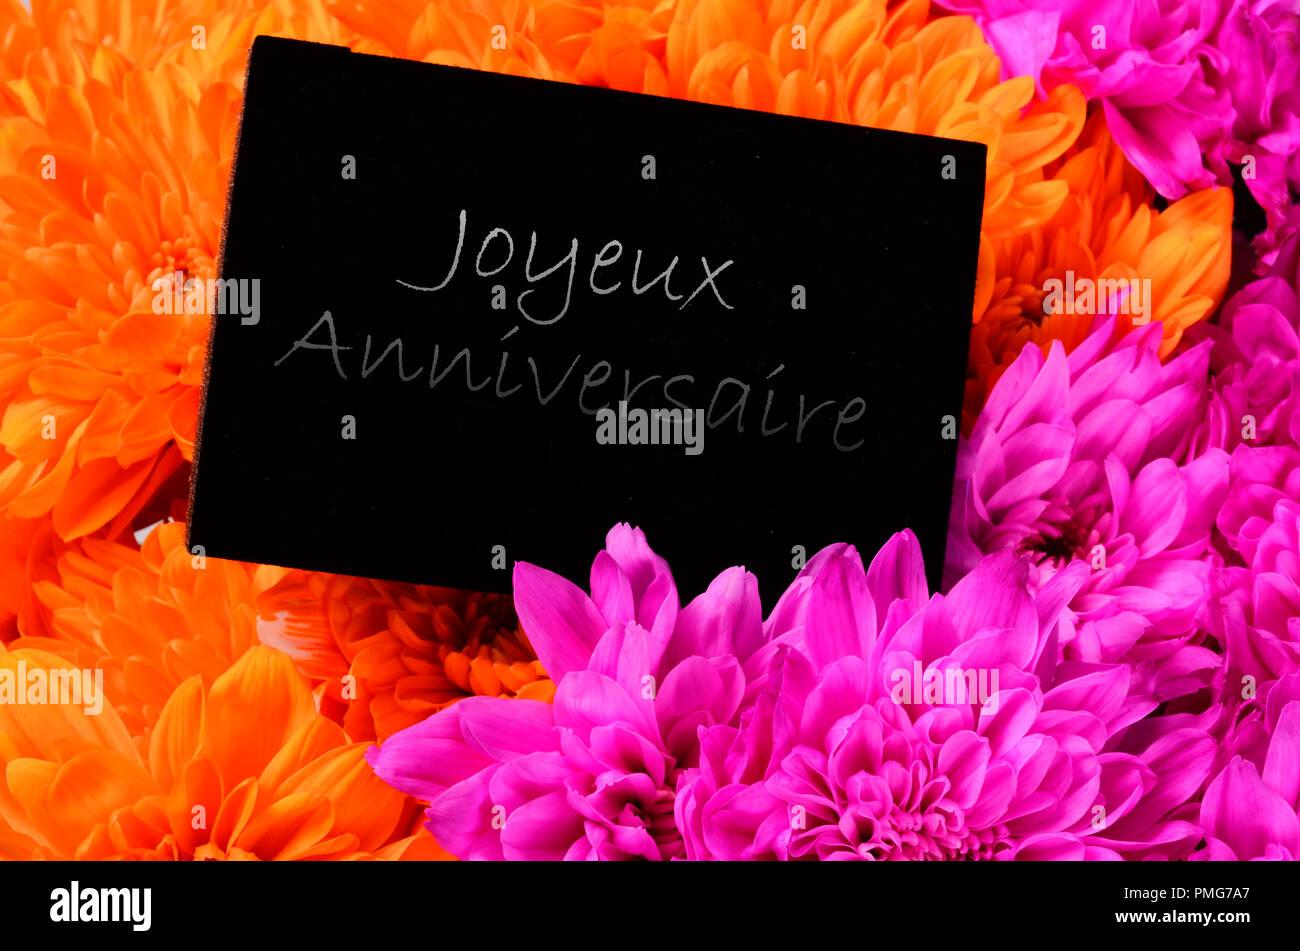 Arancione E Rosa Fiore Aster E Carta Nera Per Buon